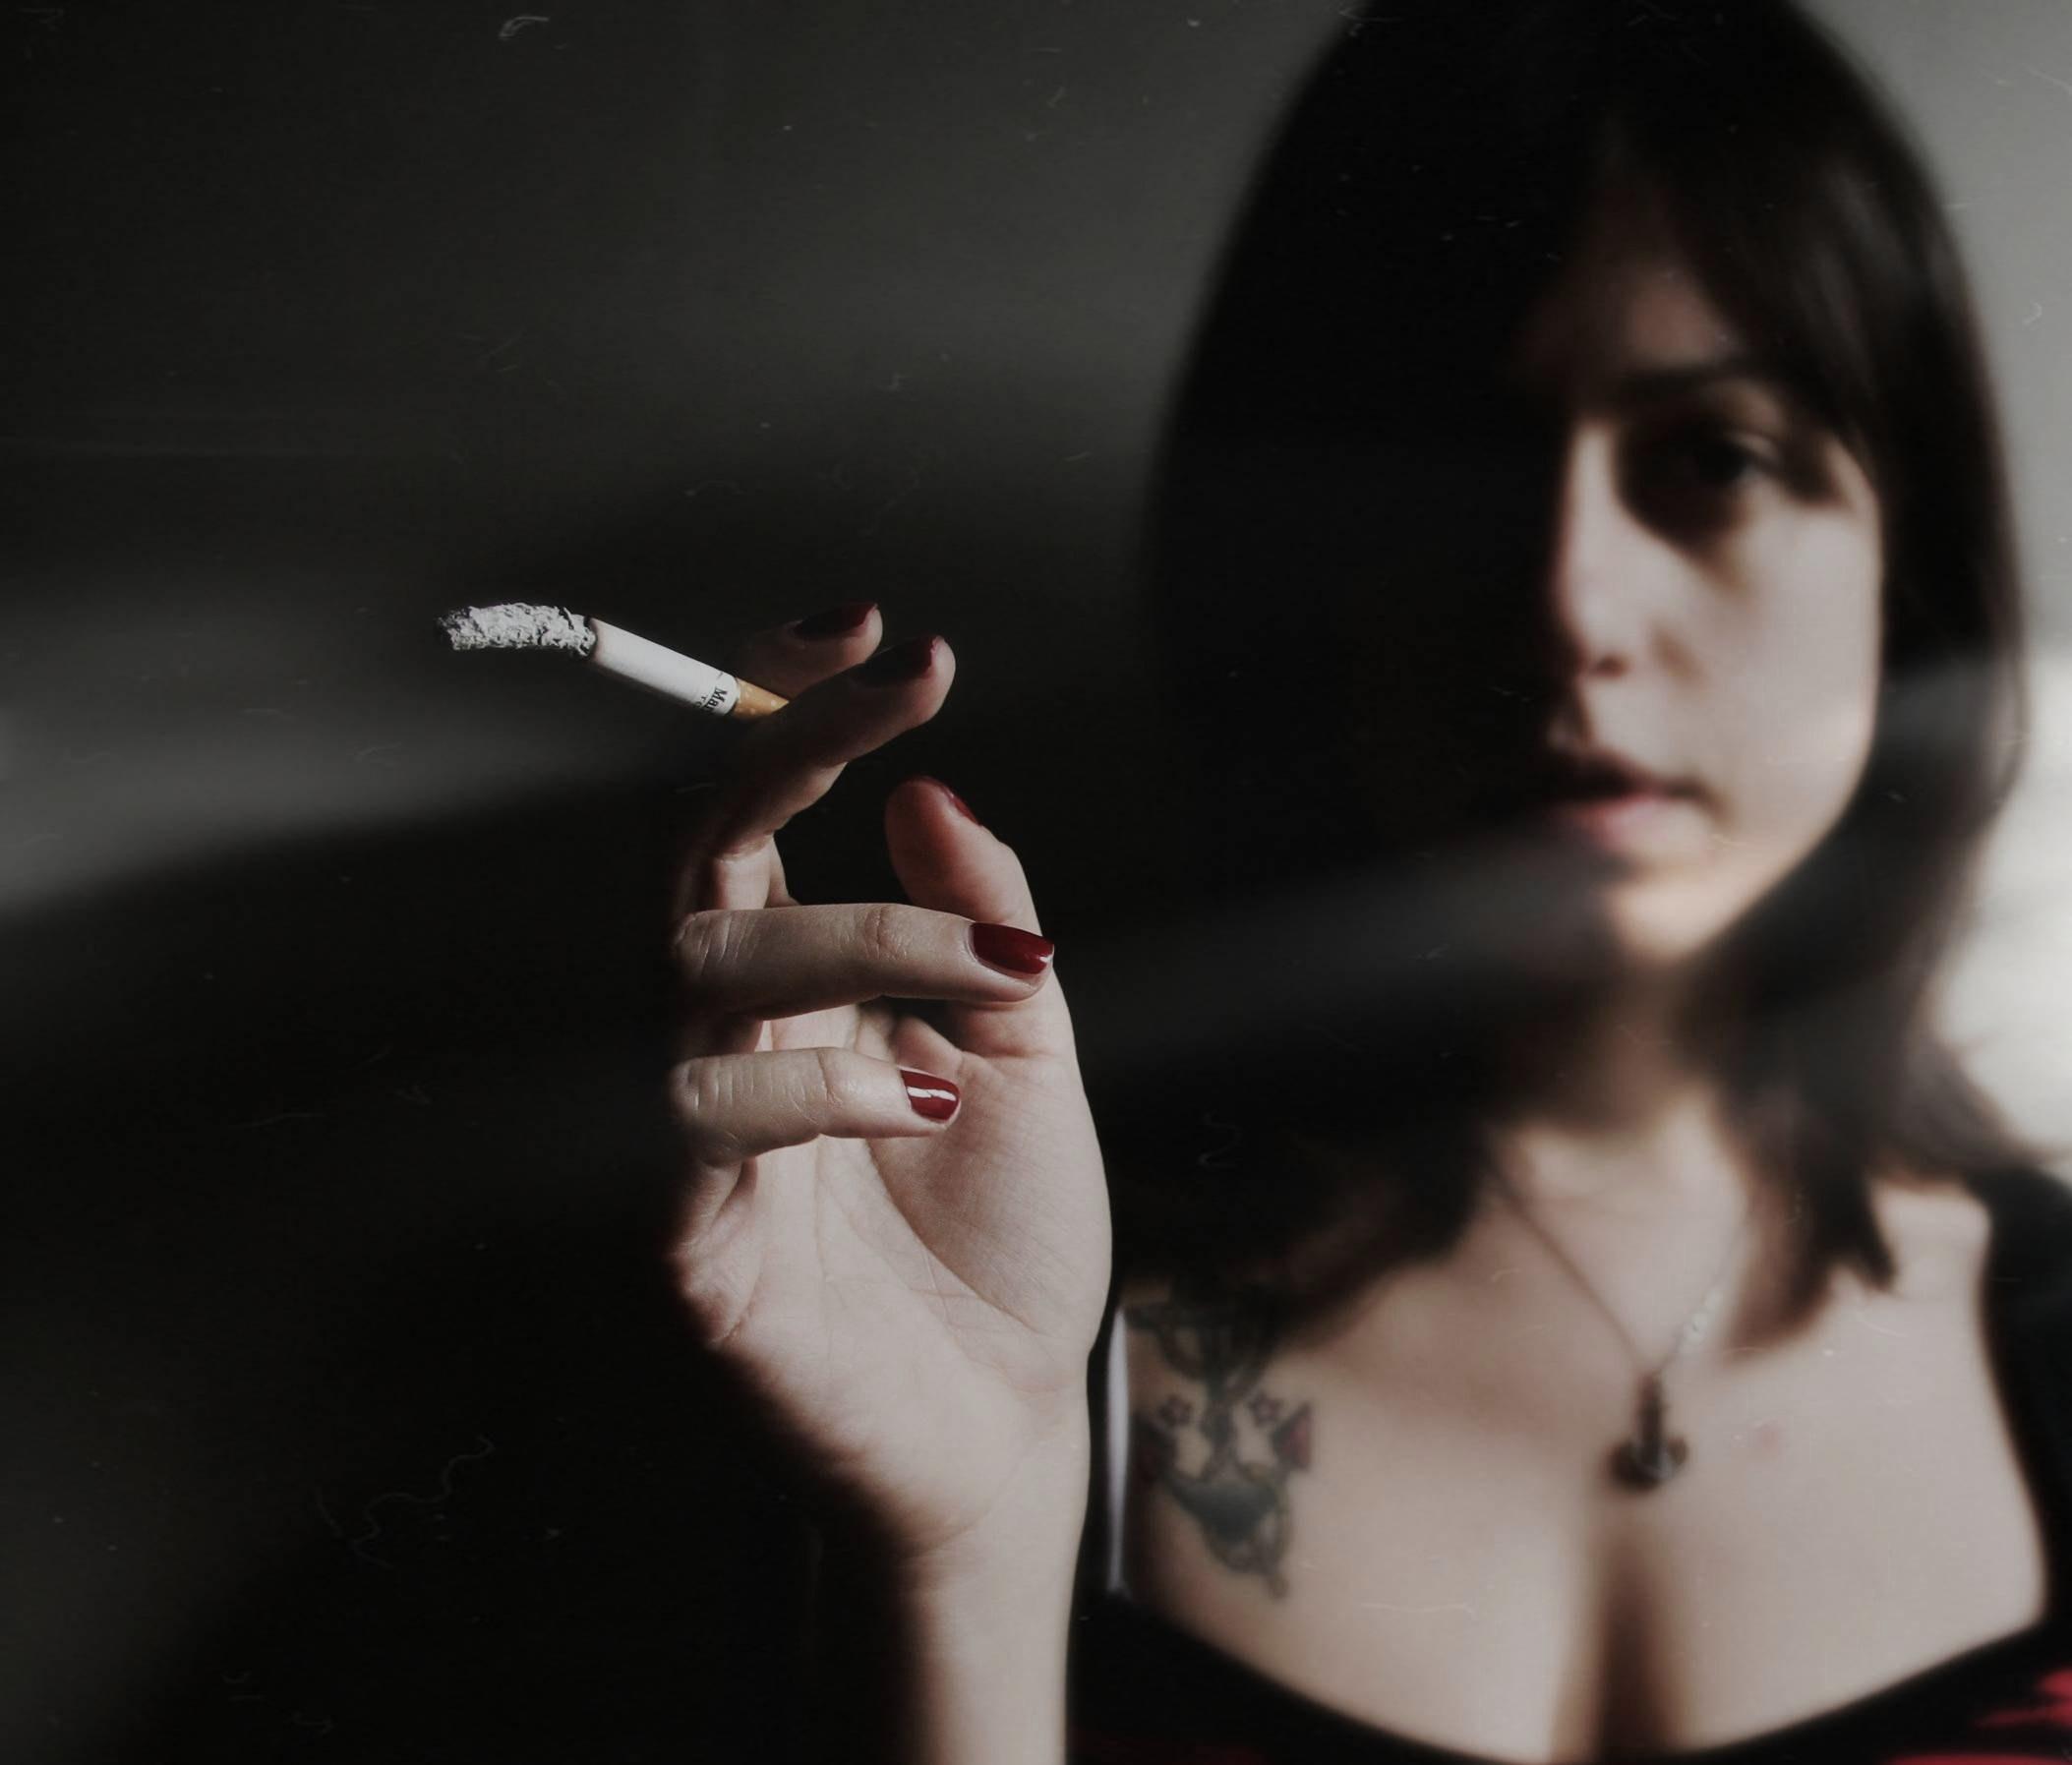 Cigaret With Girl Wallpaper Download Baggrunde Hvid Sort Portr 230 T Fotografering R 248 G